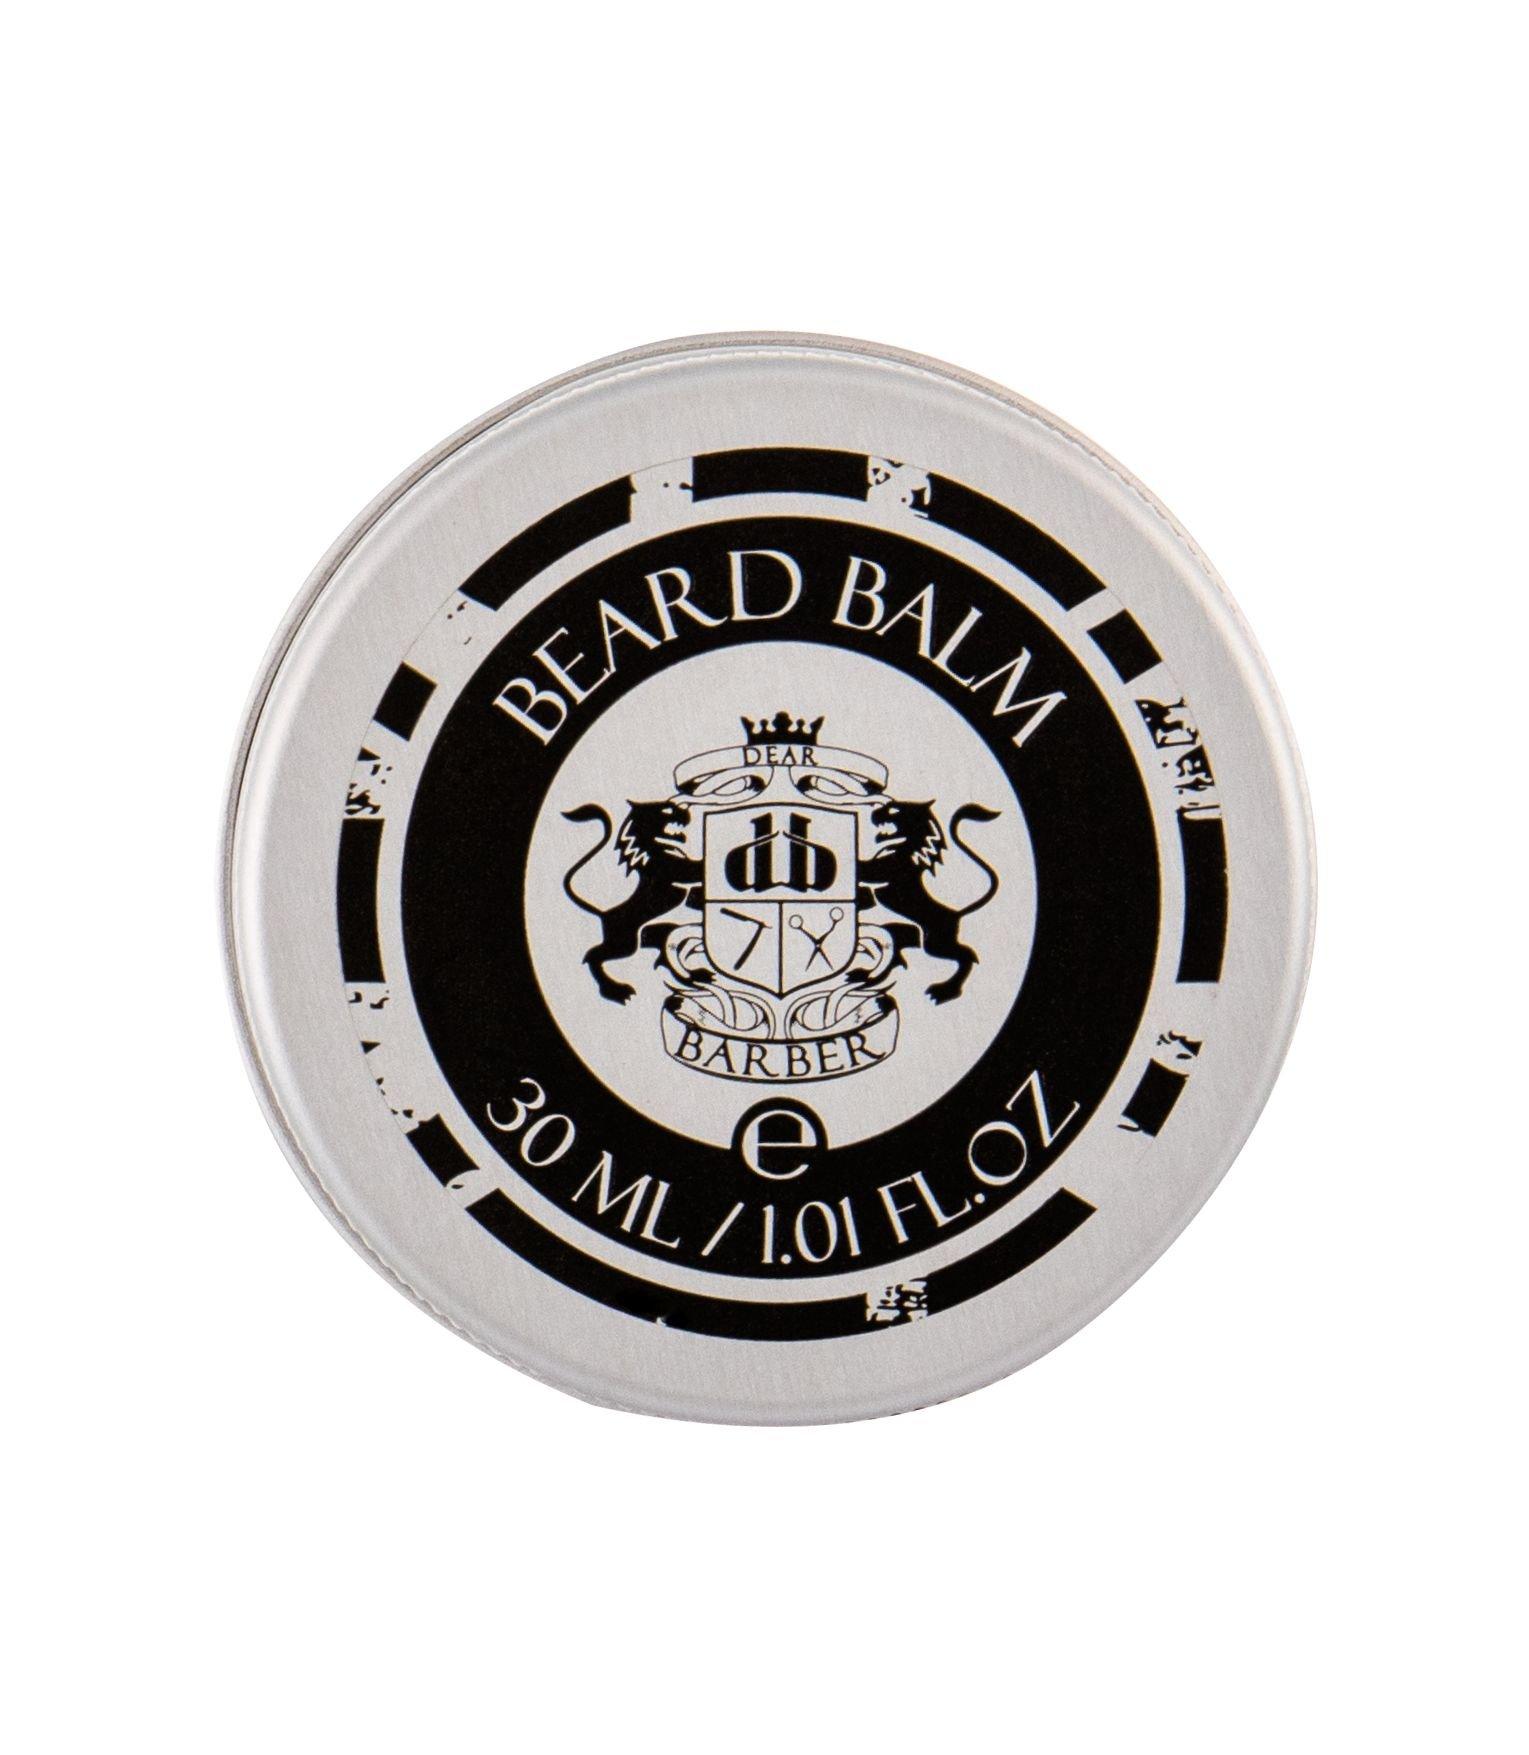 DEAR BARBER Beard Balm Beard Wax 30ml